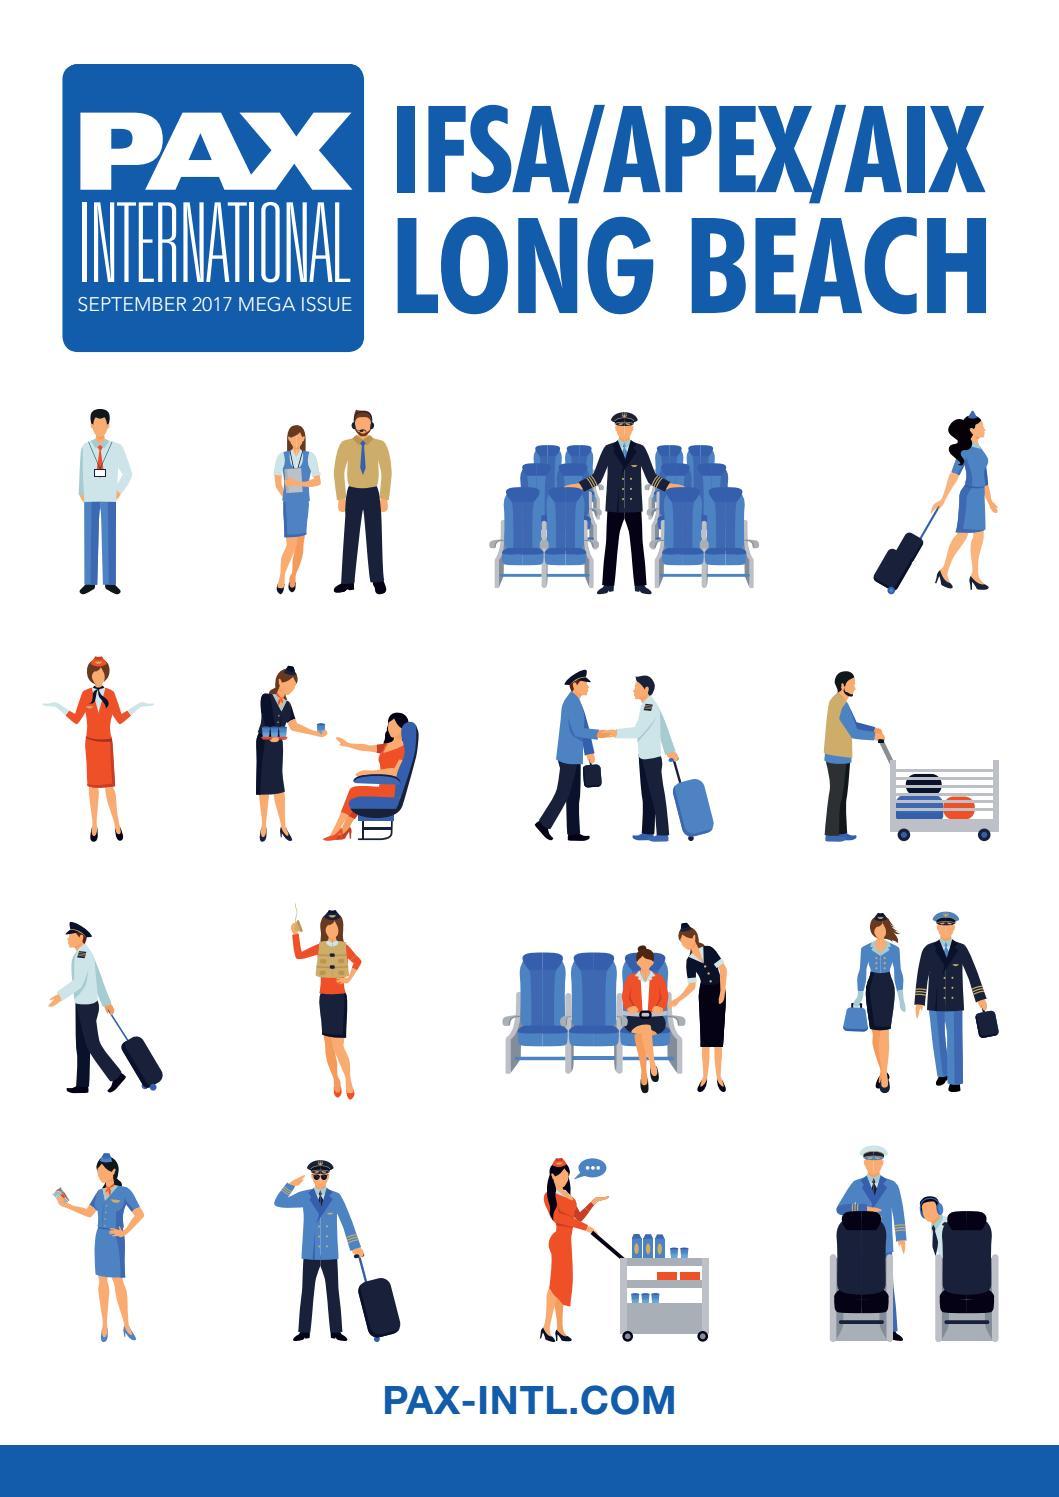 Pax ifsaapex aix long beach 2017 by global marketing company ltd pax ifsaapex aix long beach 2017 by global marketing company ltd issuu aiddatafo Images